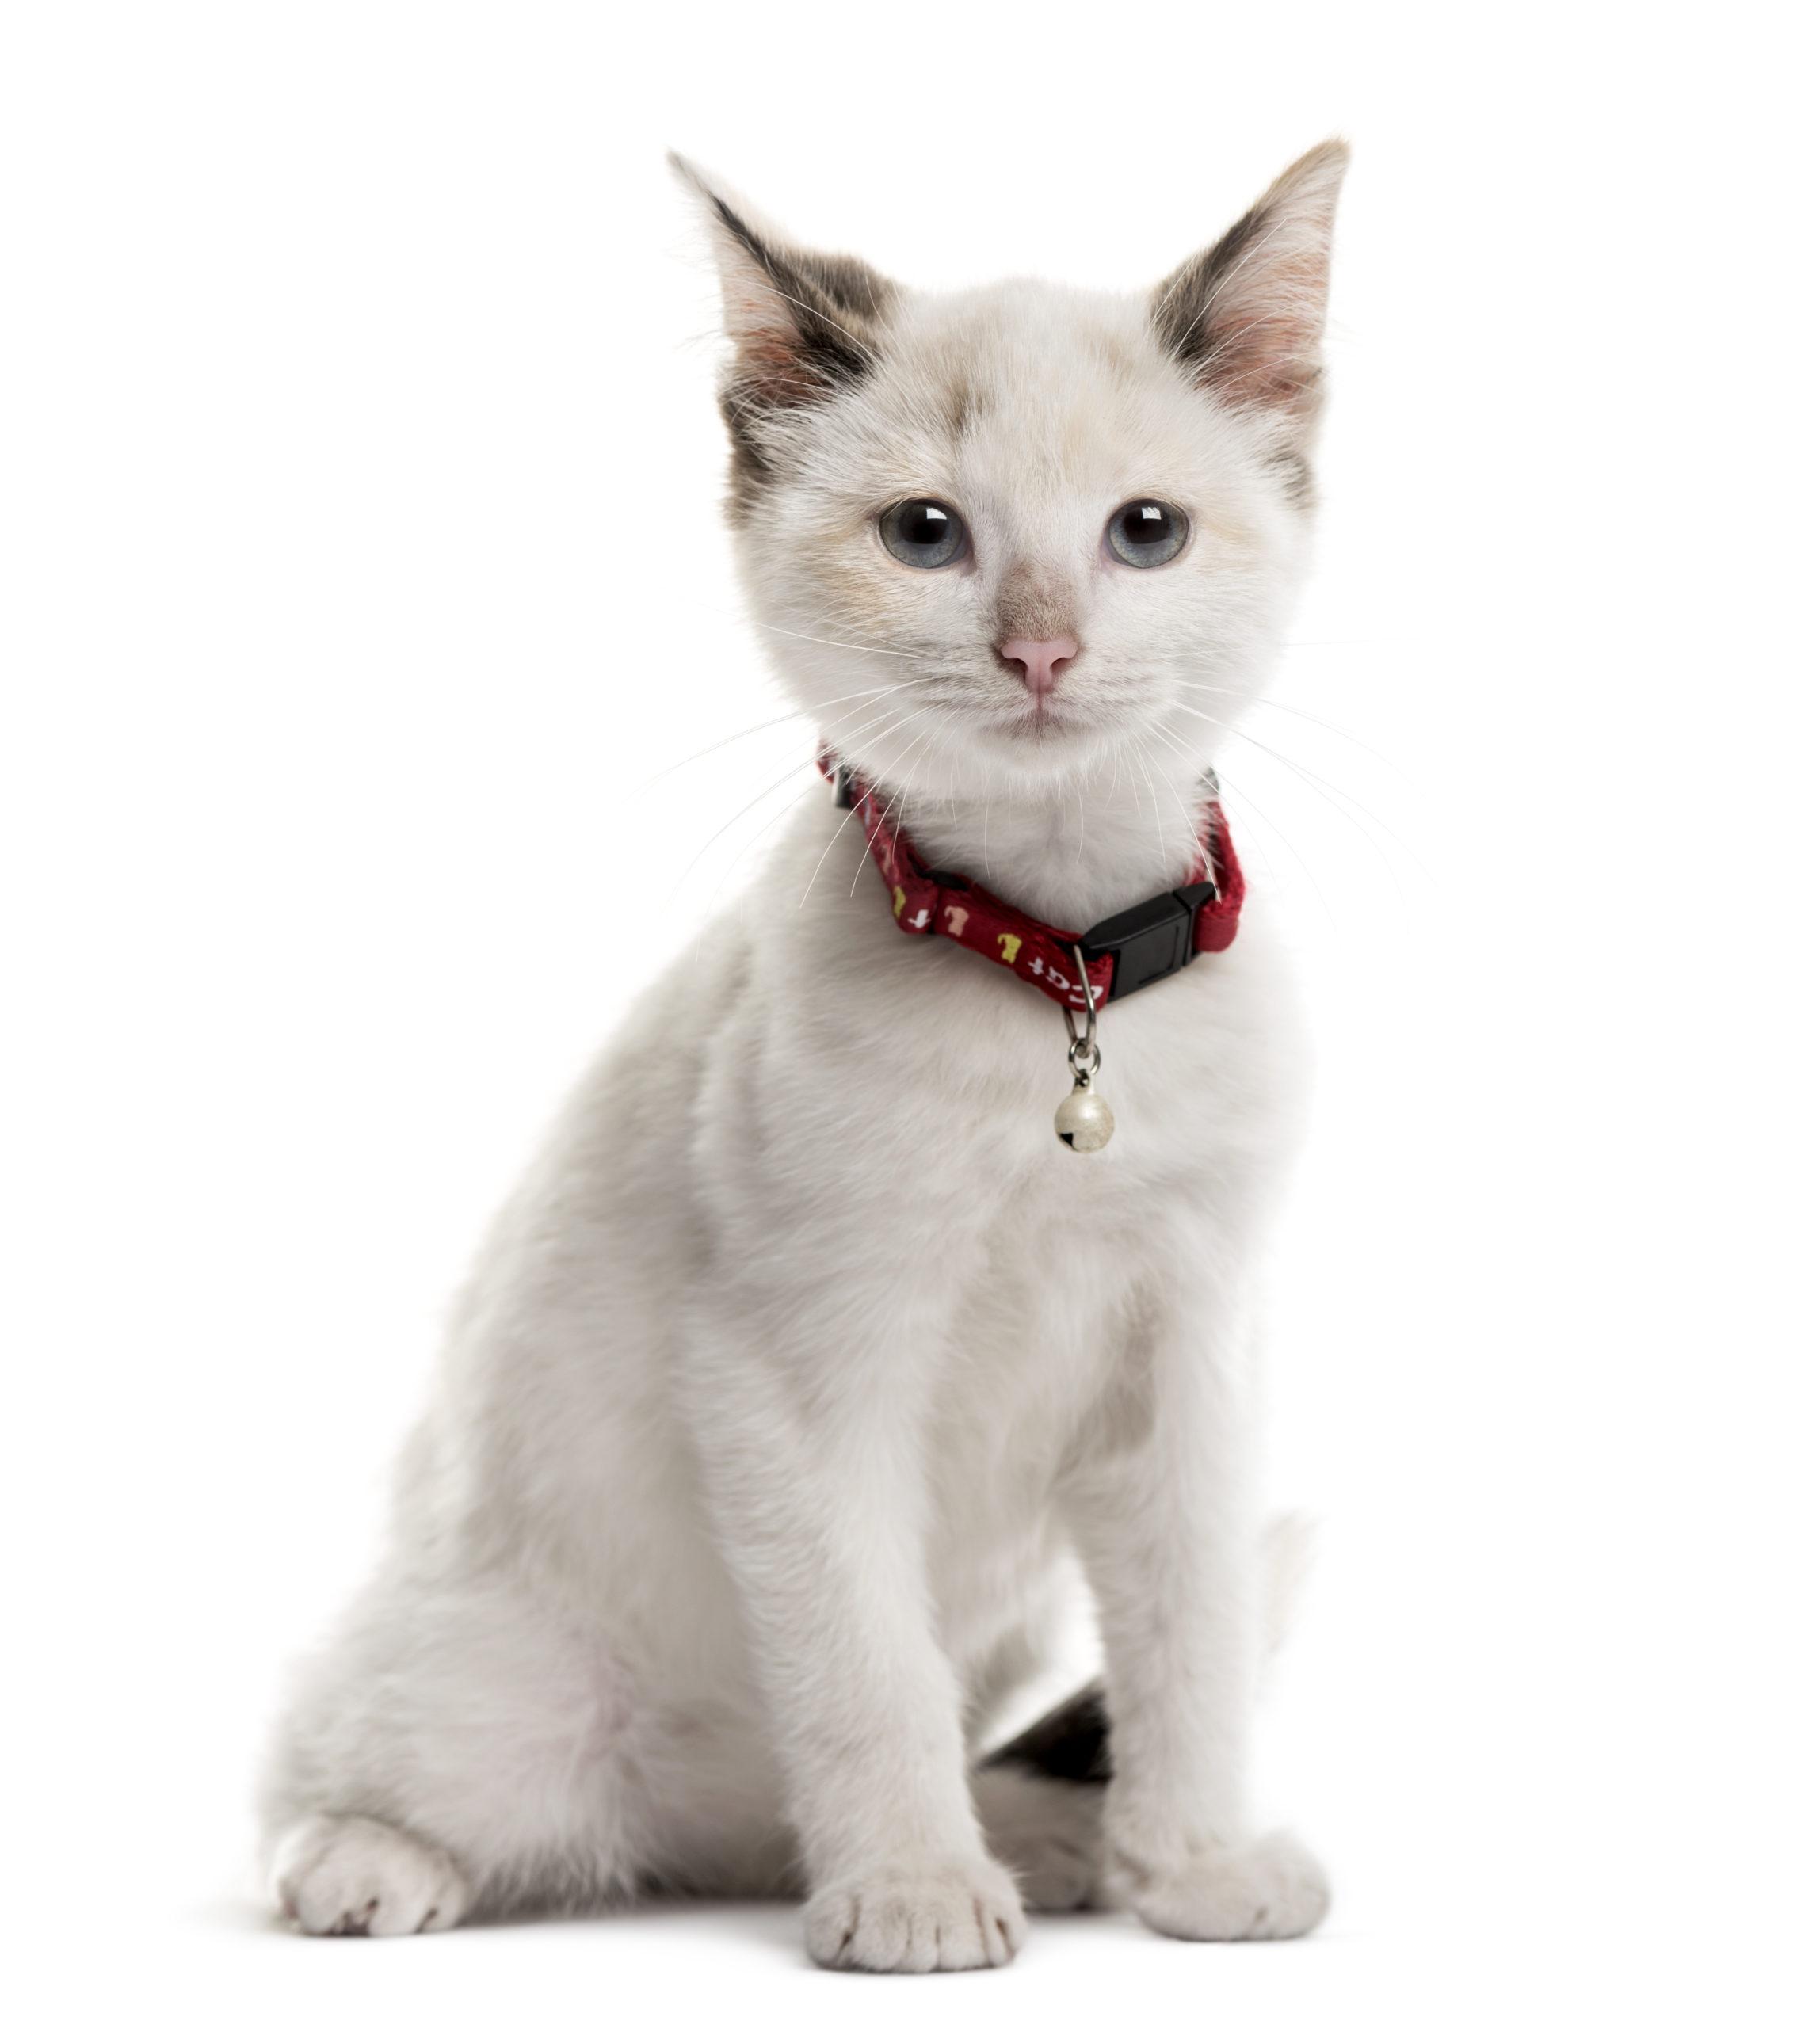 猫の首輪鈴つき:メリット・デメリット